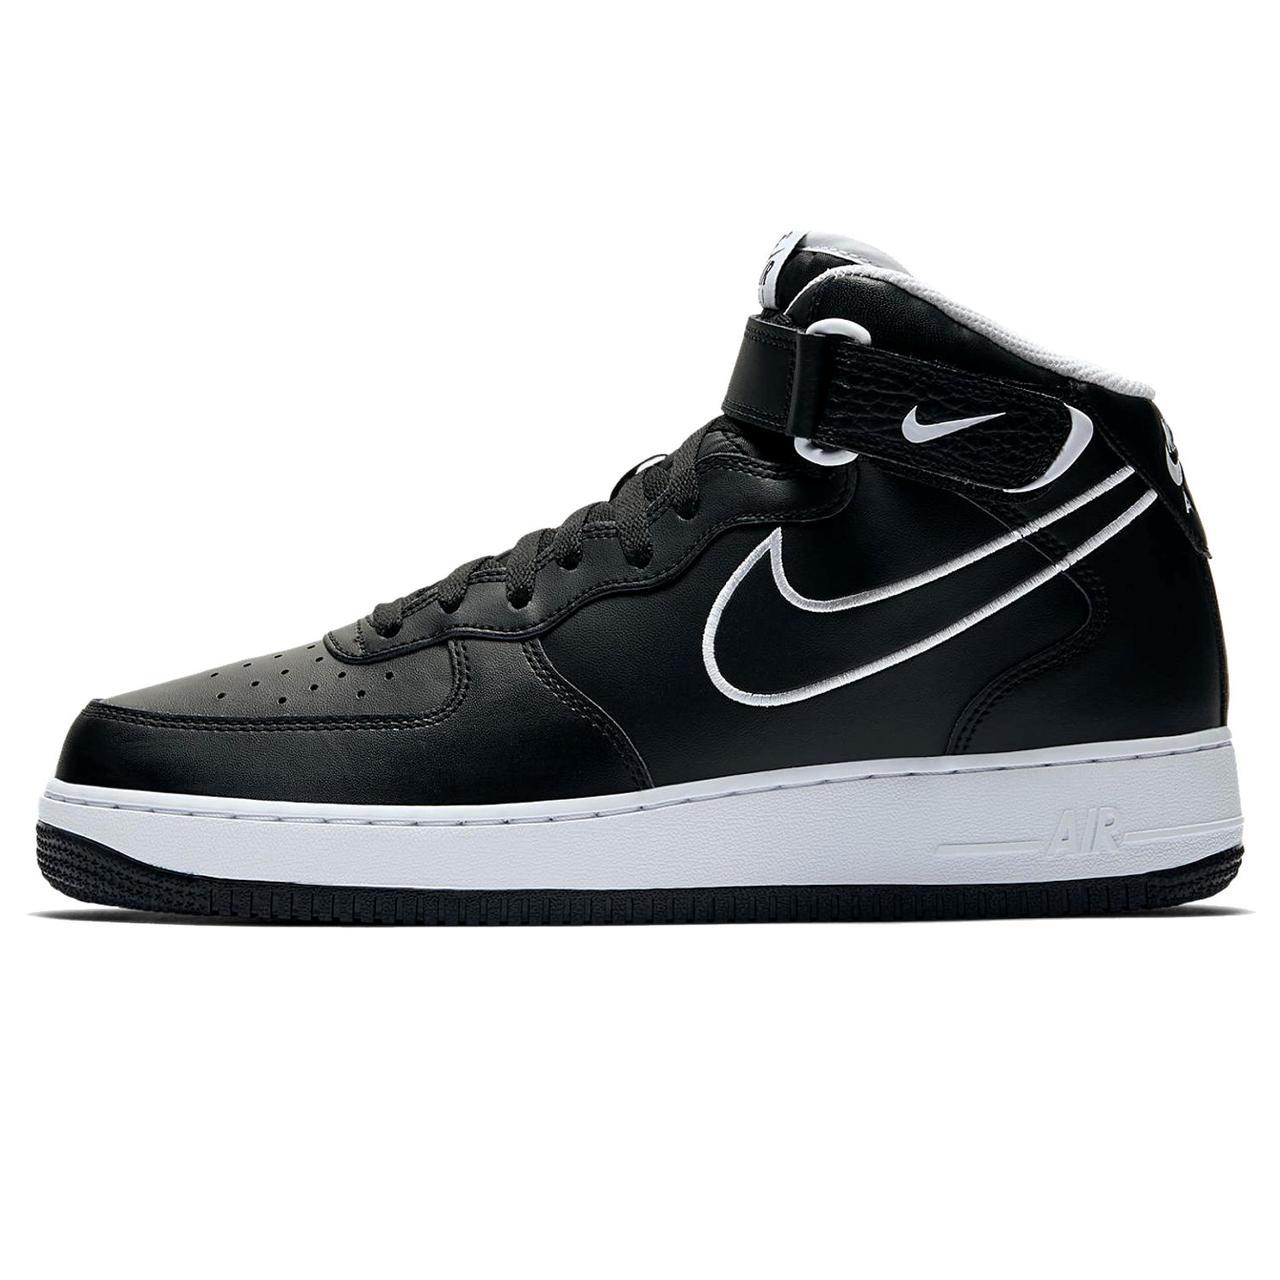 Оригинальные кроссовки Nike Air Max 1 Mid 07  - Sport-Sneakers - Оригинальные  кроссовки dcb5f4ef8dc